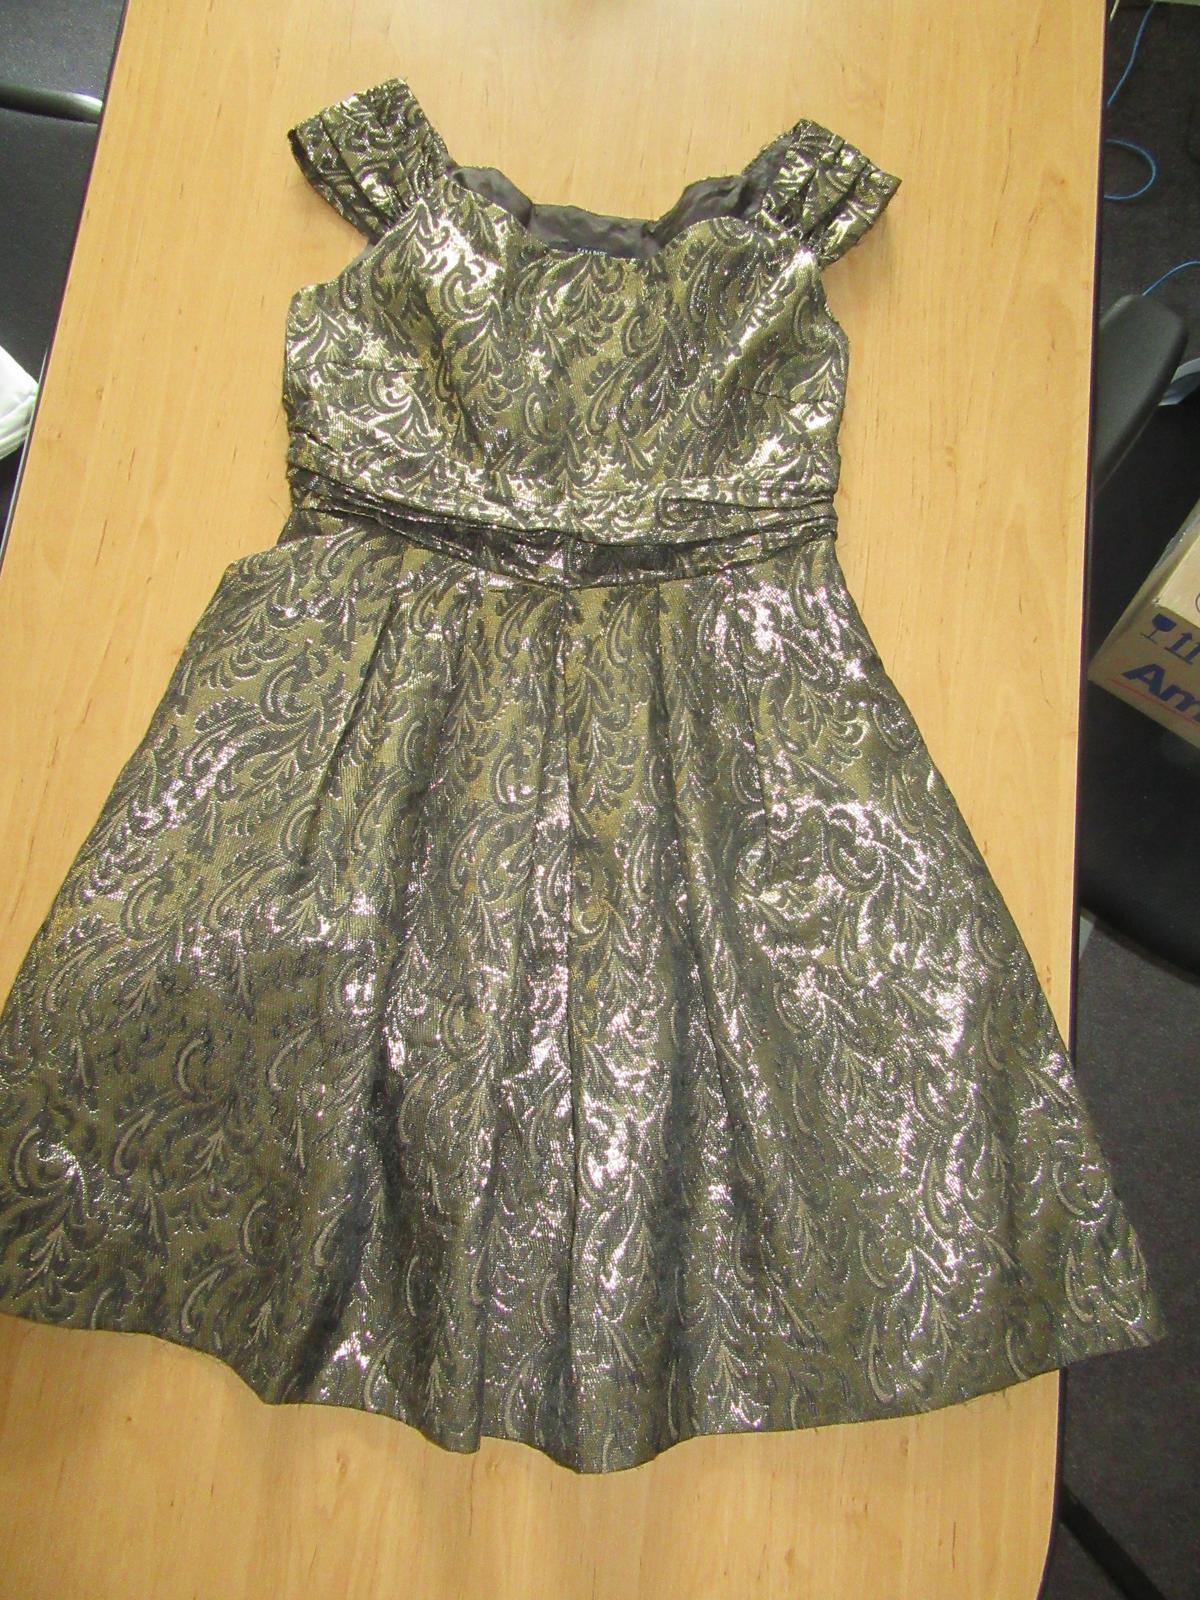 šaty zlato-černé vel.L , zn. Zara&Zara - Obrázek č. 1